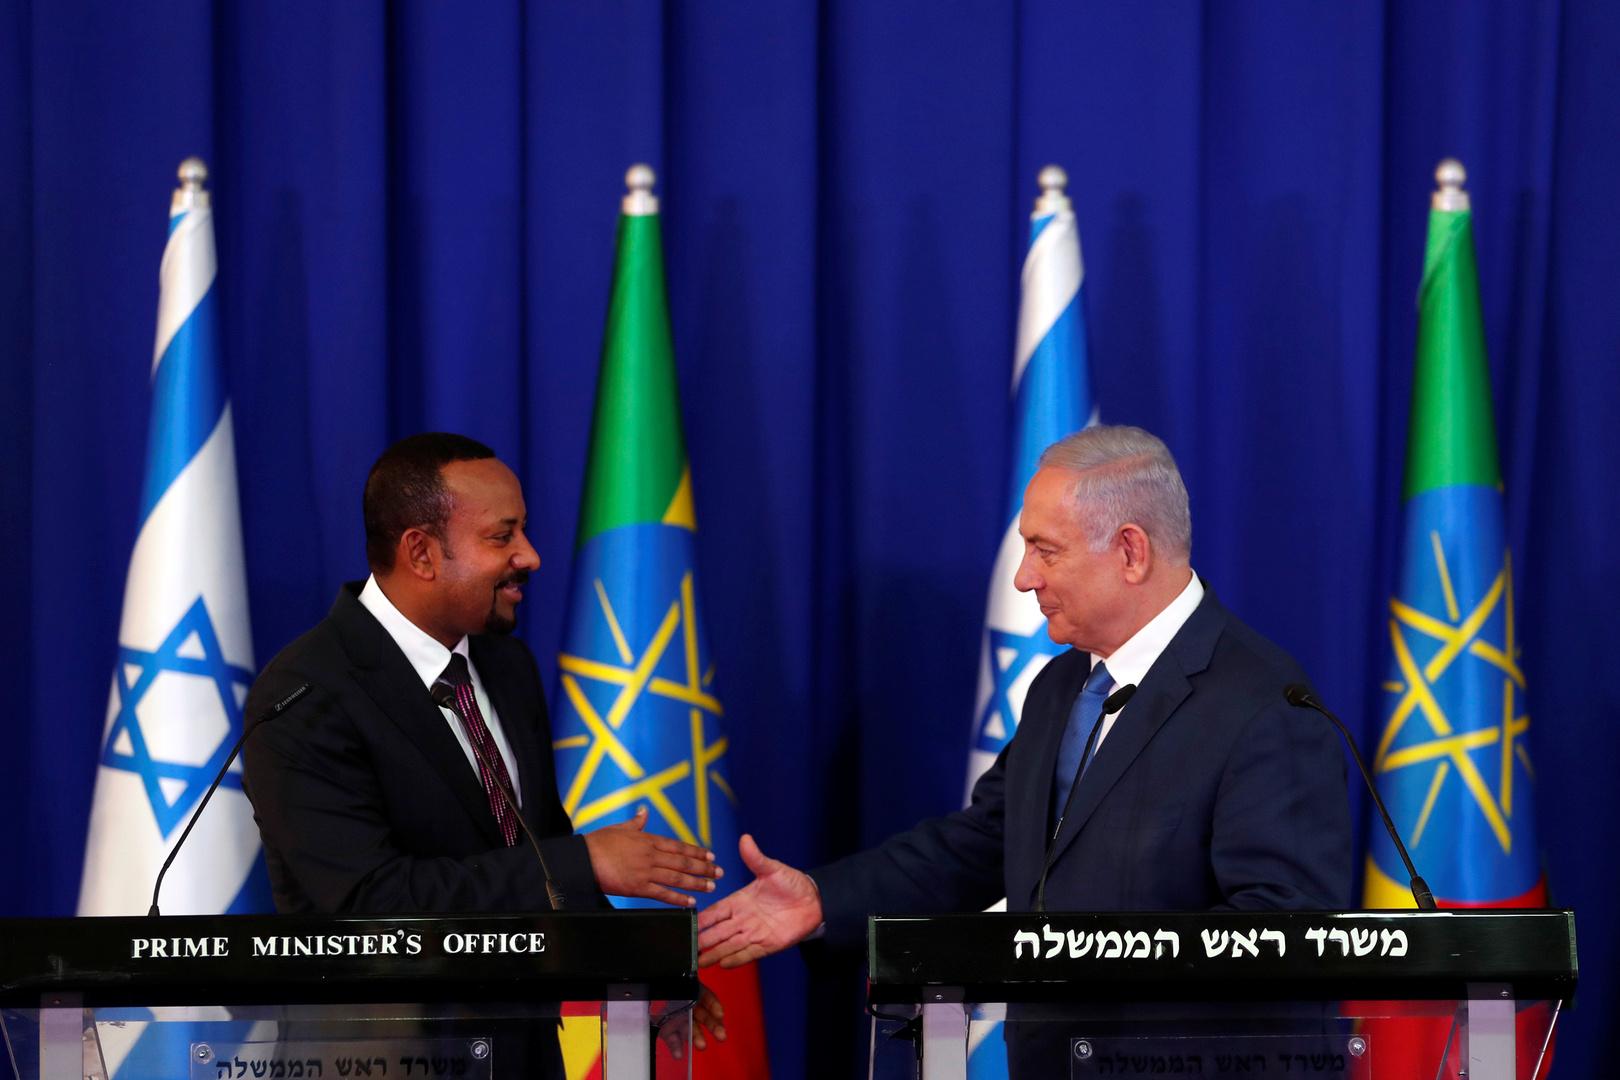 تعليقات مصرية على عرض إسرائيل خبرتها في إدارة ملف المياه على إثيوبيا